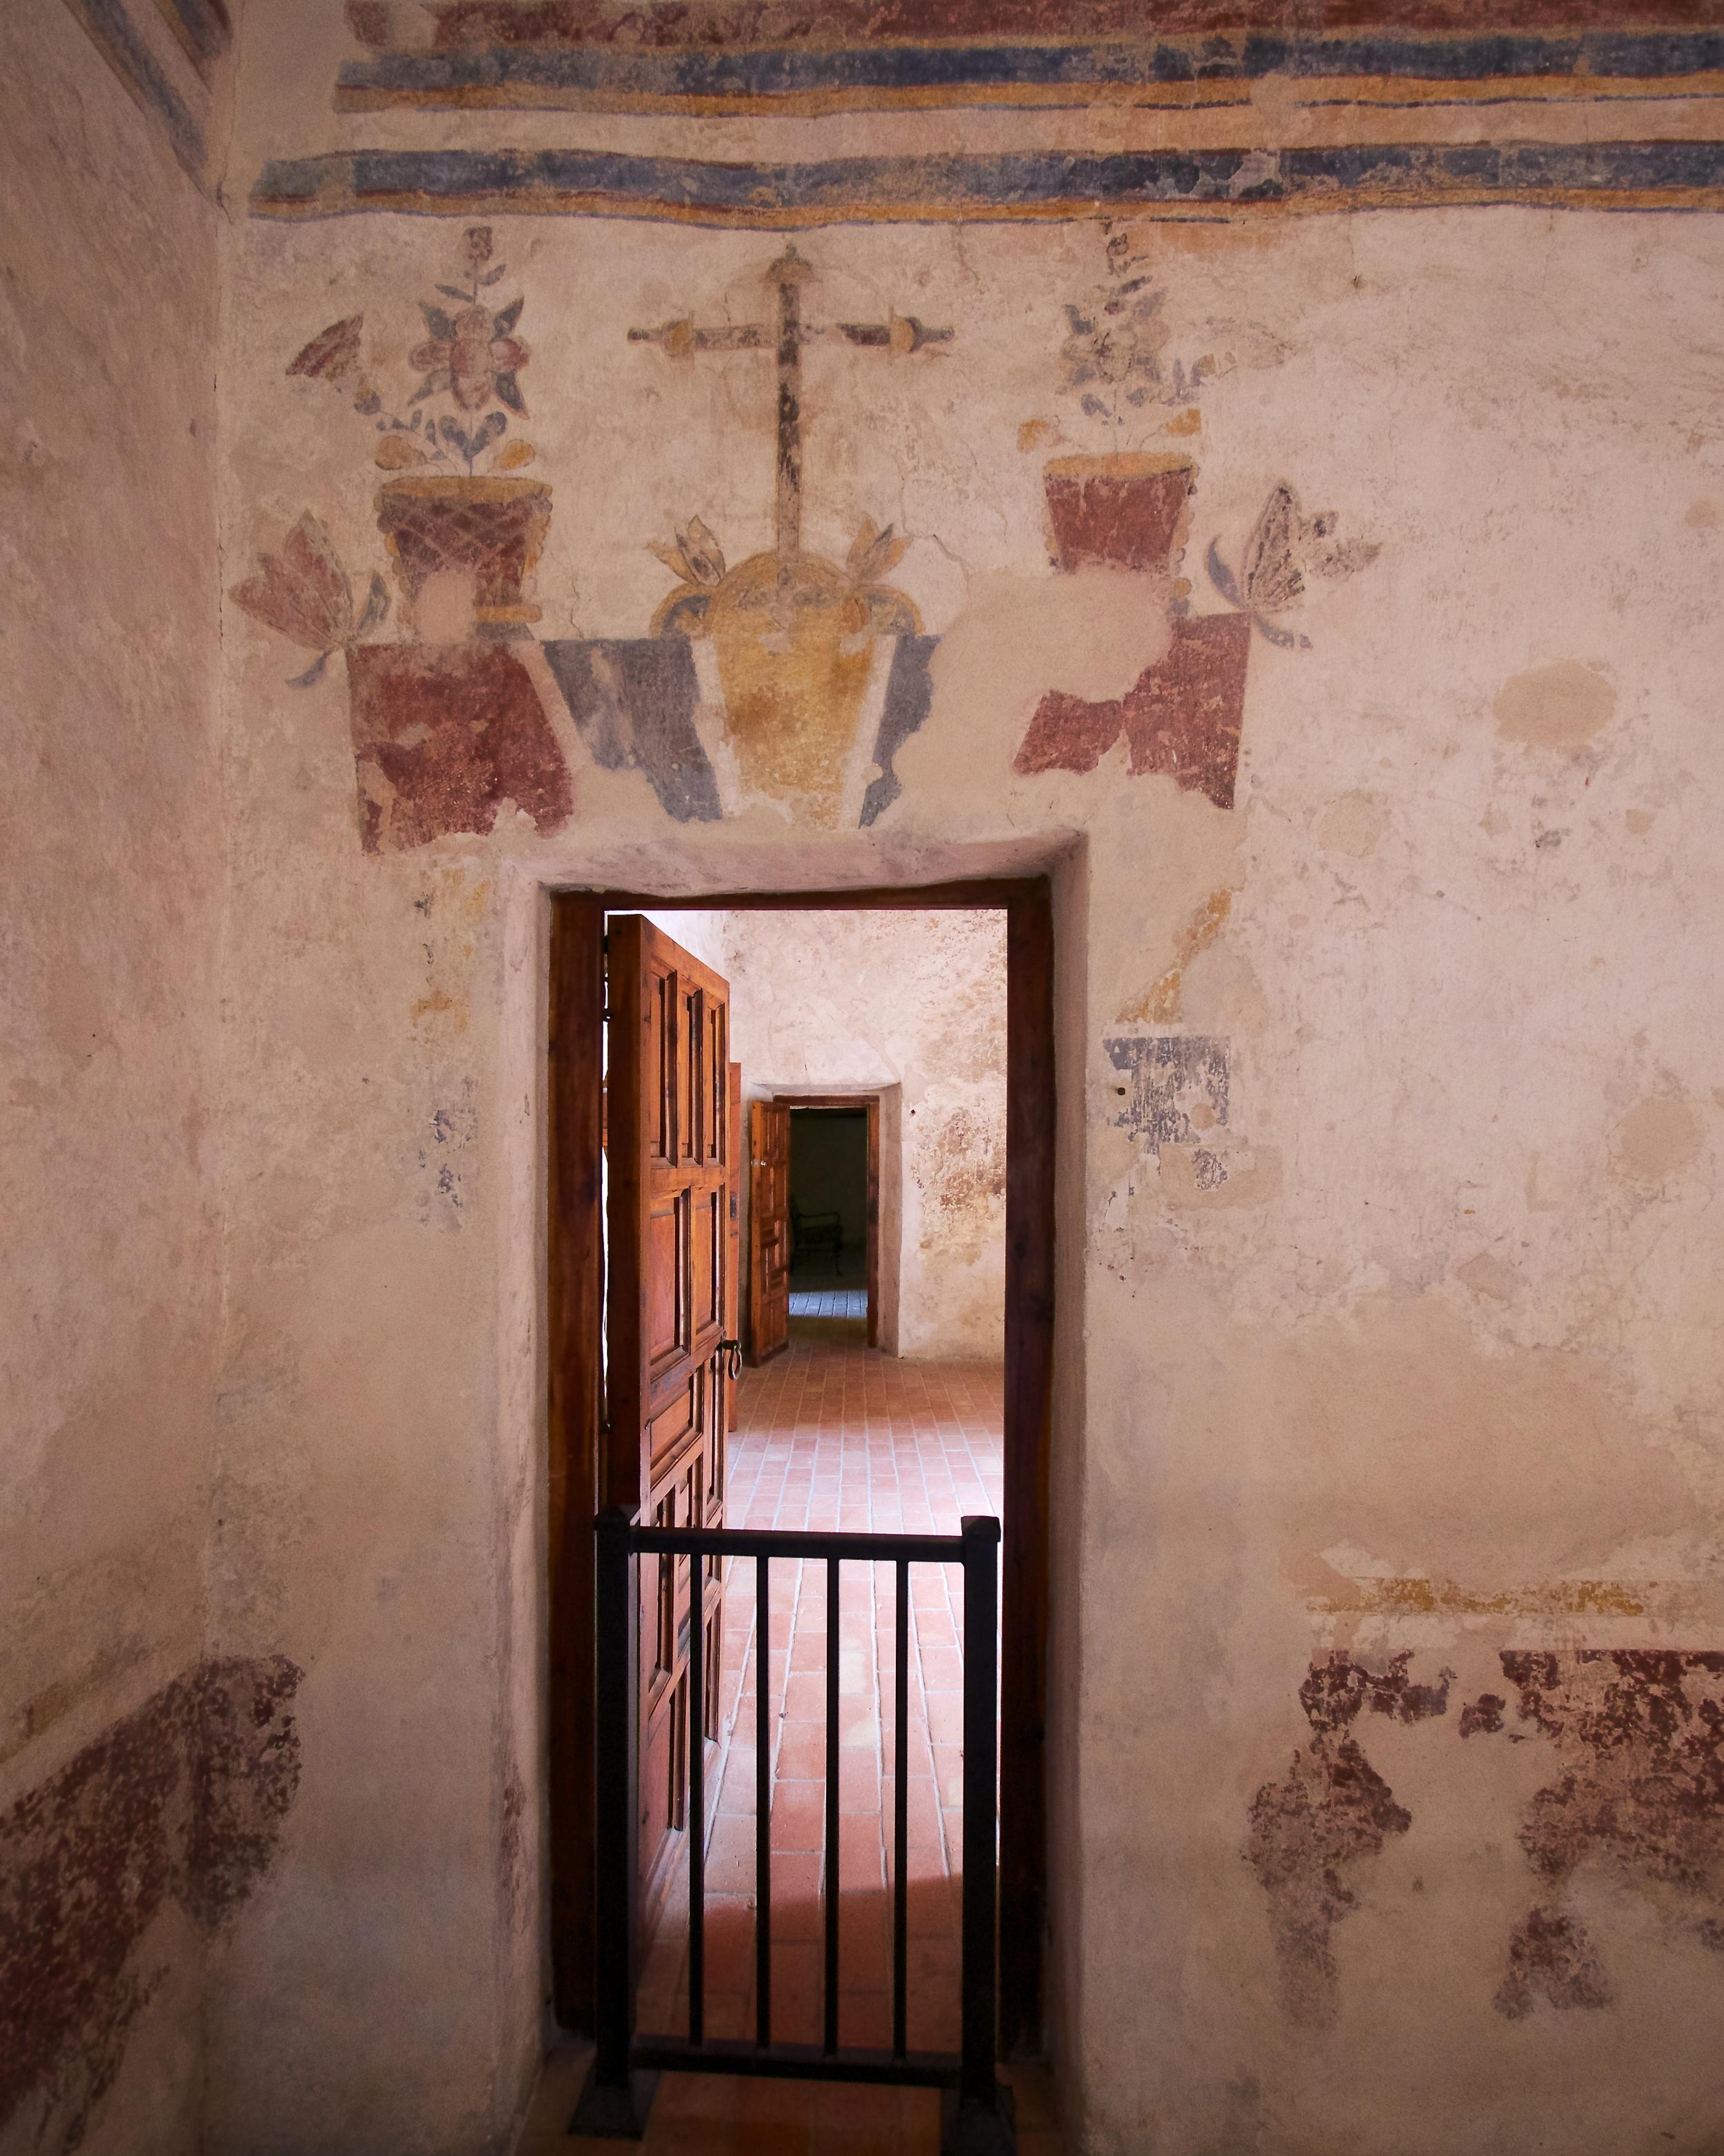 Mission Concepción frescoes